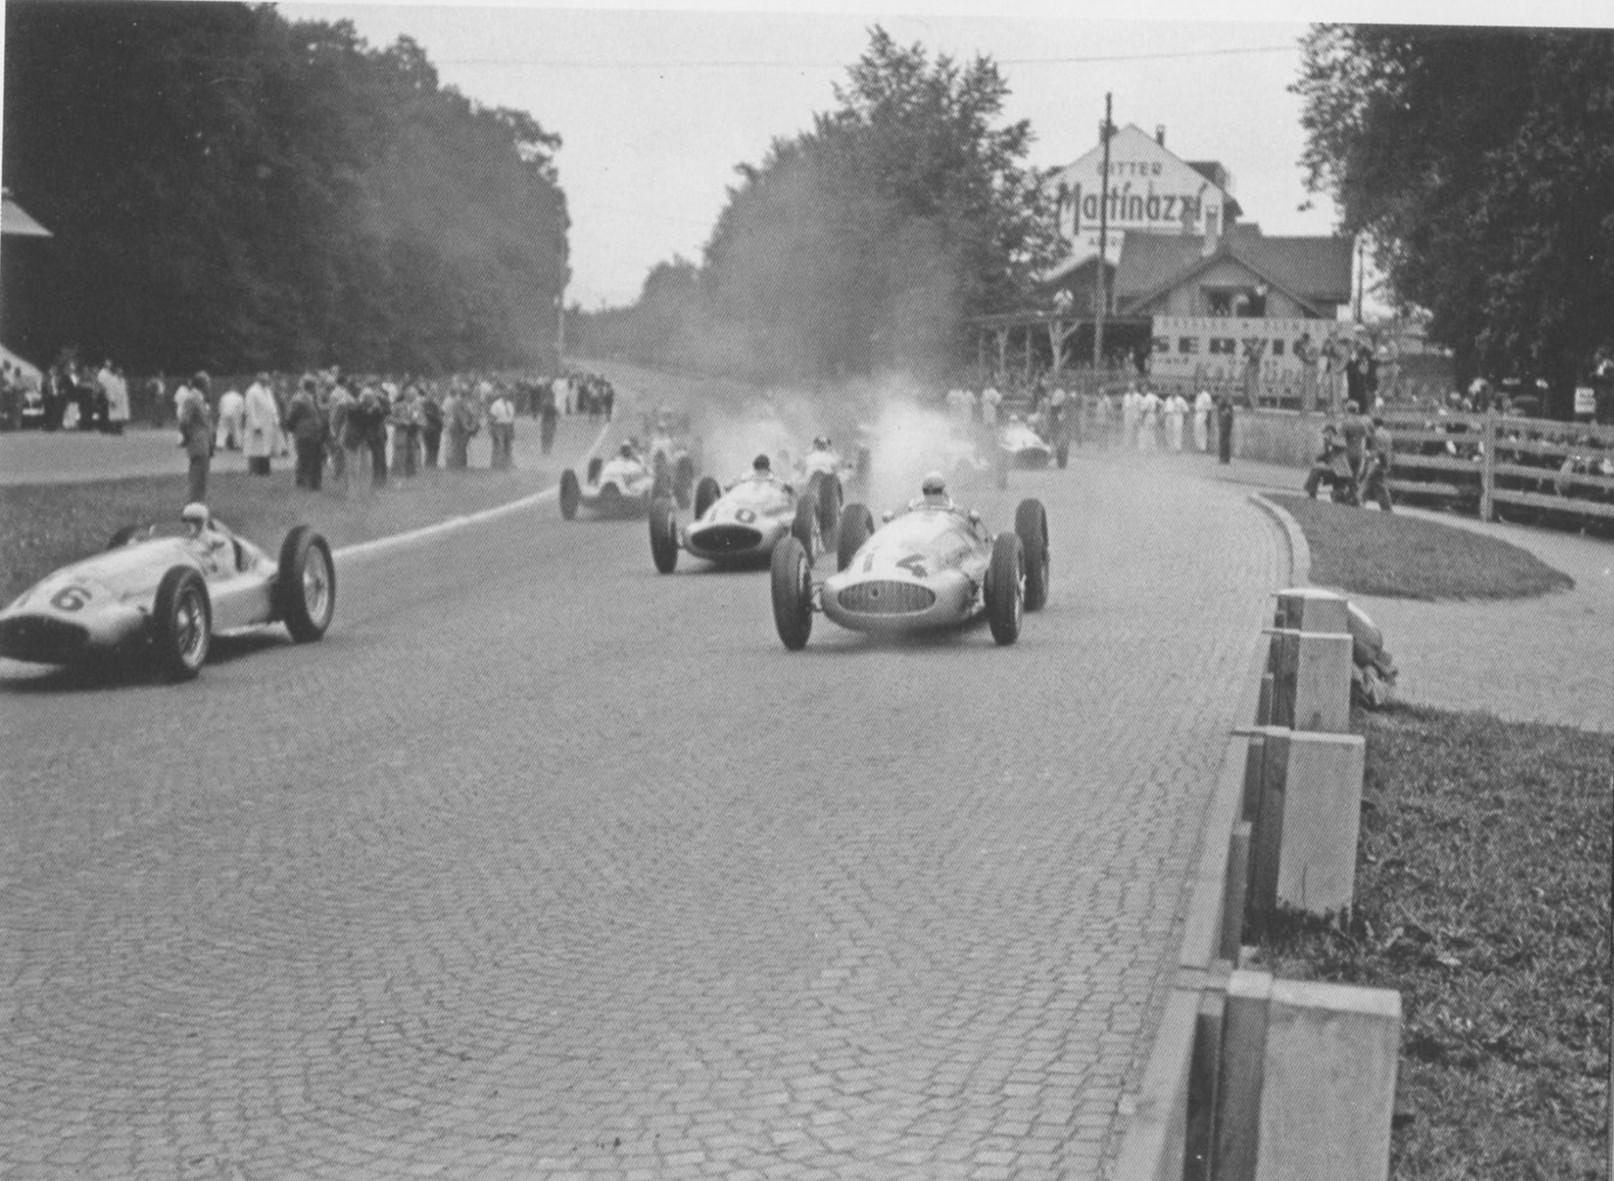 Старт отборочного заезда автомобилей гран-при БП Швейцарии'39